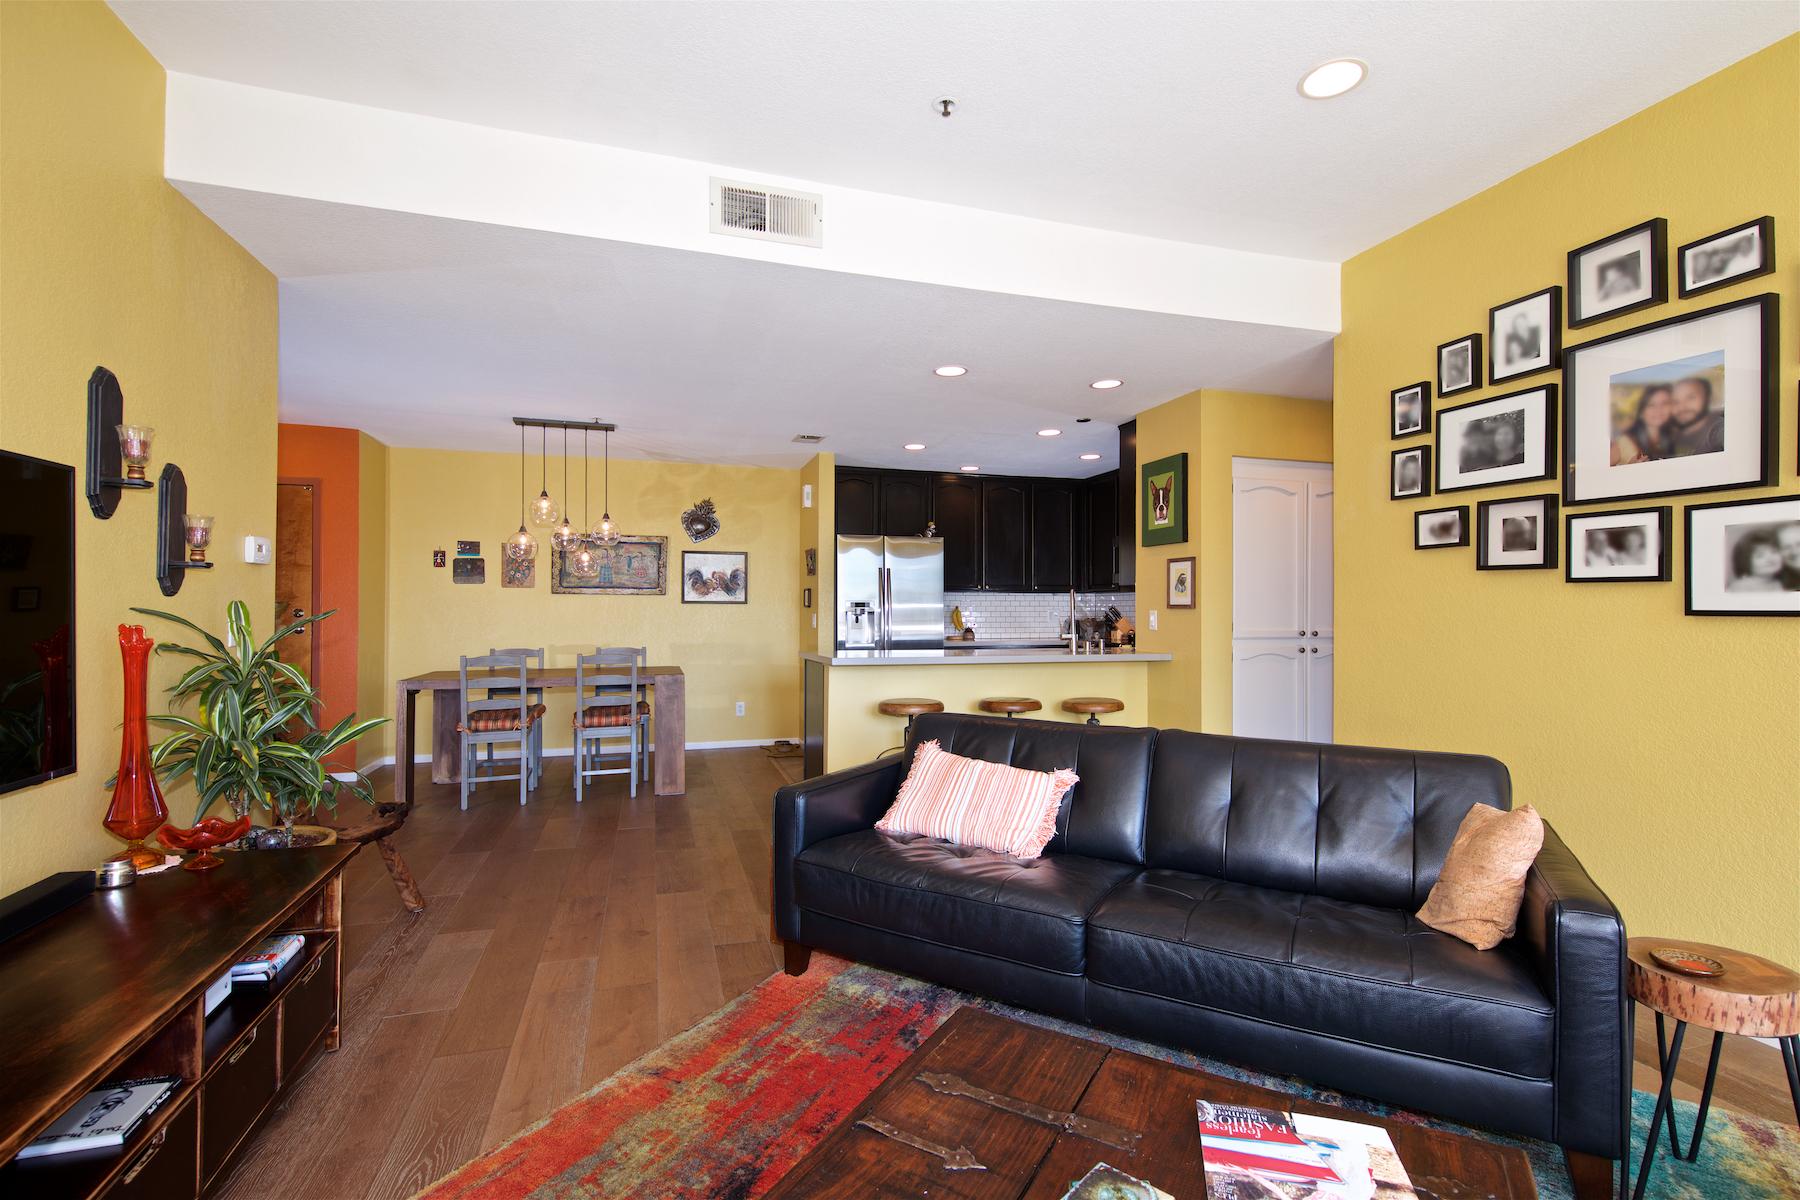 Кондоминиум для того Продажа на 2445 Brant St. #508 San Diego, Калифорния, 92101 Соединенные Штаты